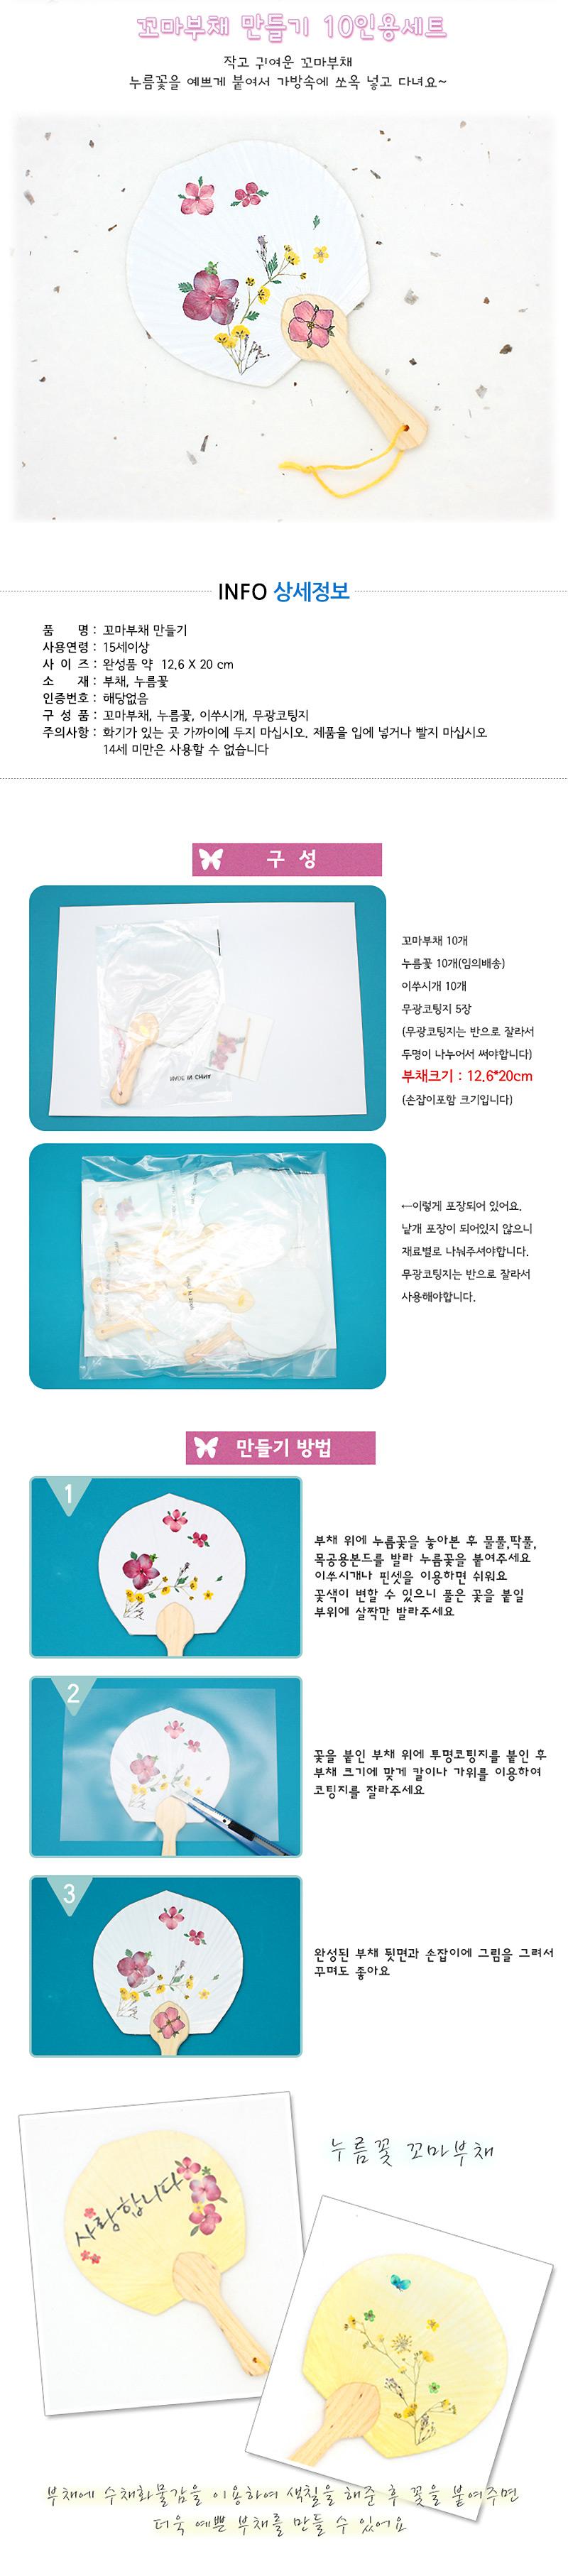 누름꽃공예-꼬마부채만들기(10인용세트) - 에코키즈, 25,000원, 압화 공예, 수납/주머니 패키지